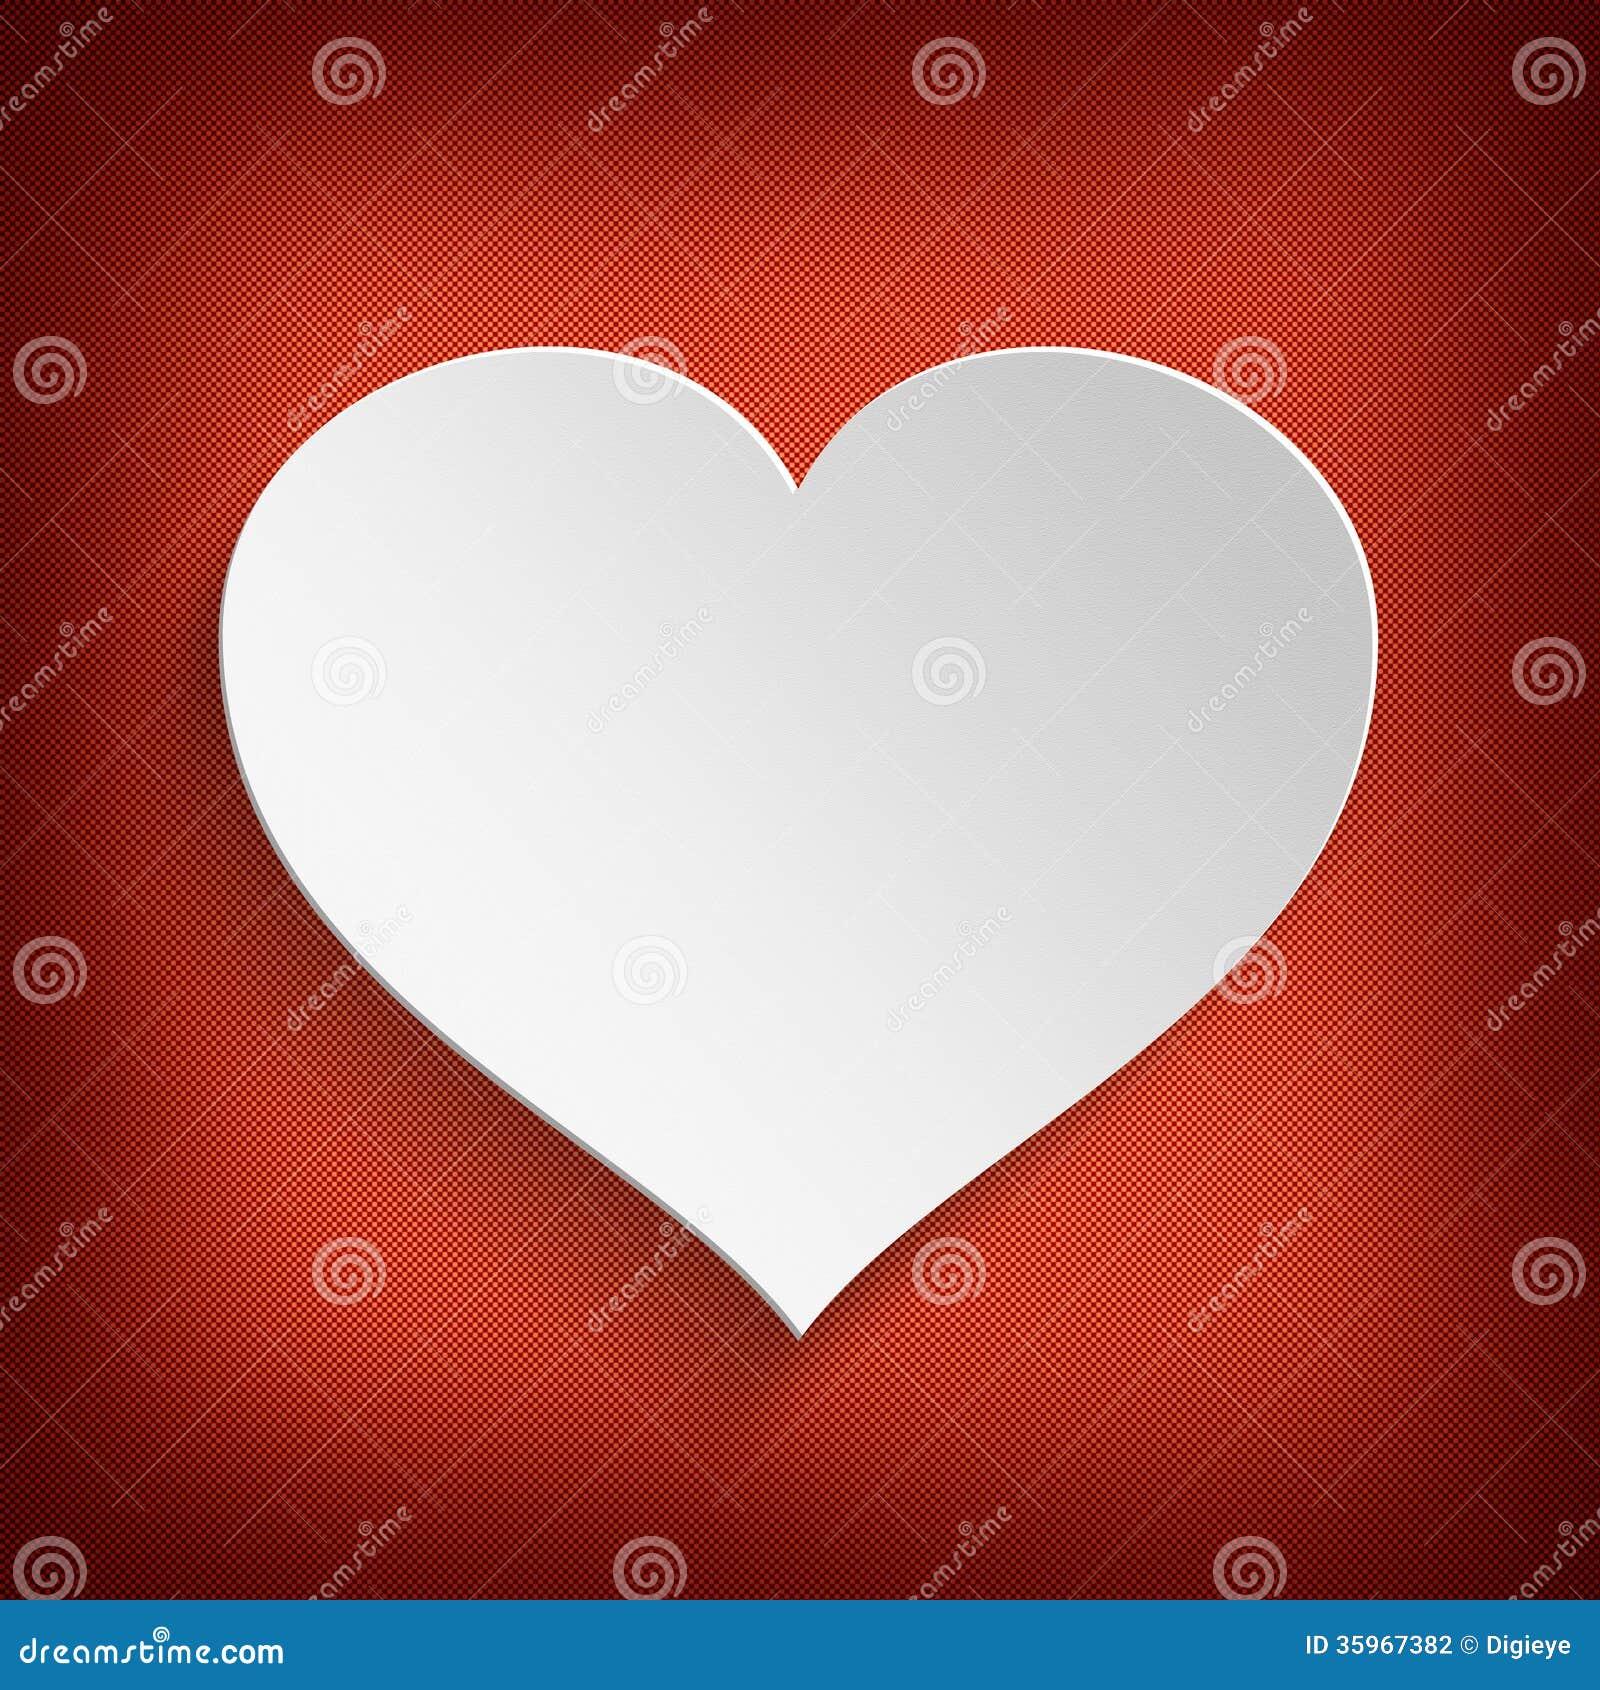 Fondo del día de tarjetas del día de San Valentín - corazón blanco en fondo rojo